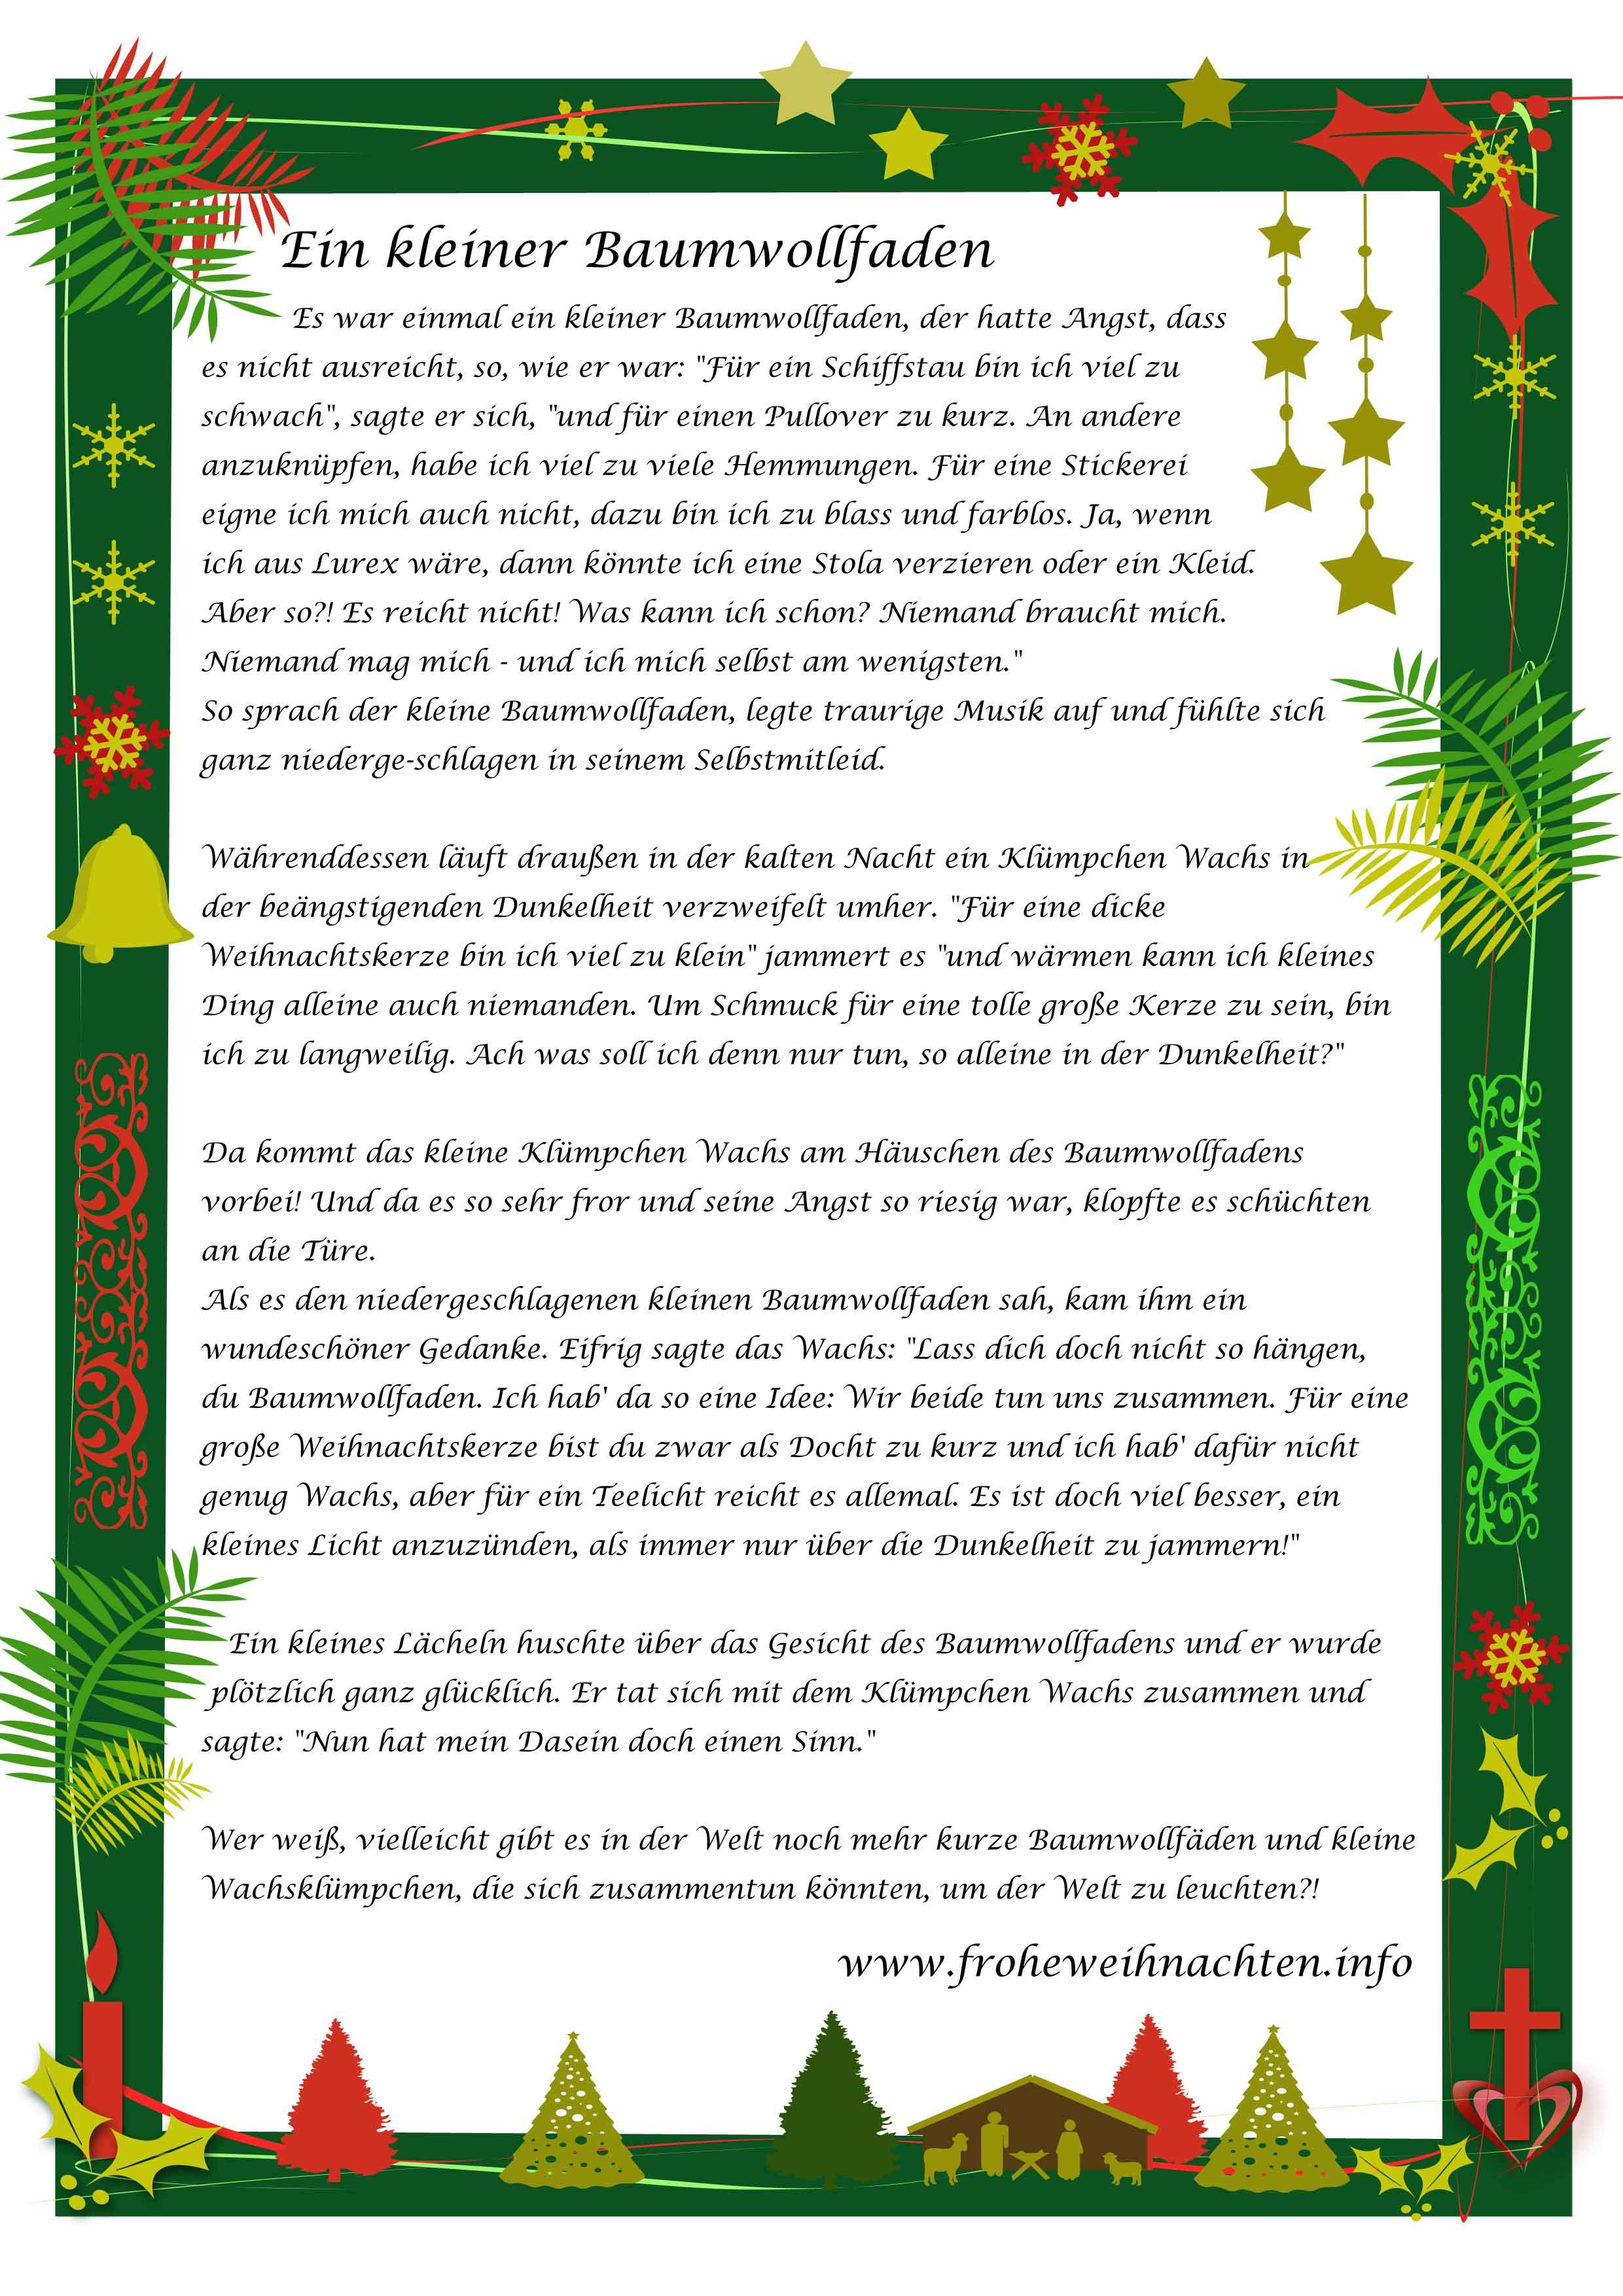 Weihnachtsgeschichten zum Vorlesen - für Kinder